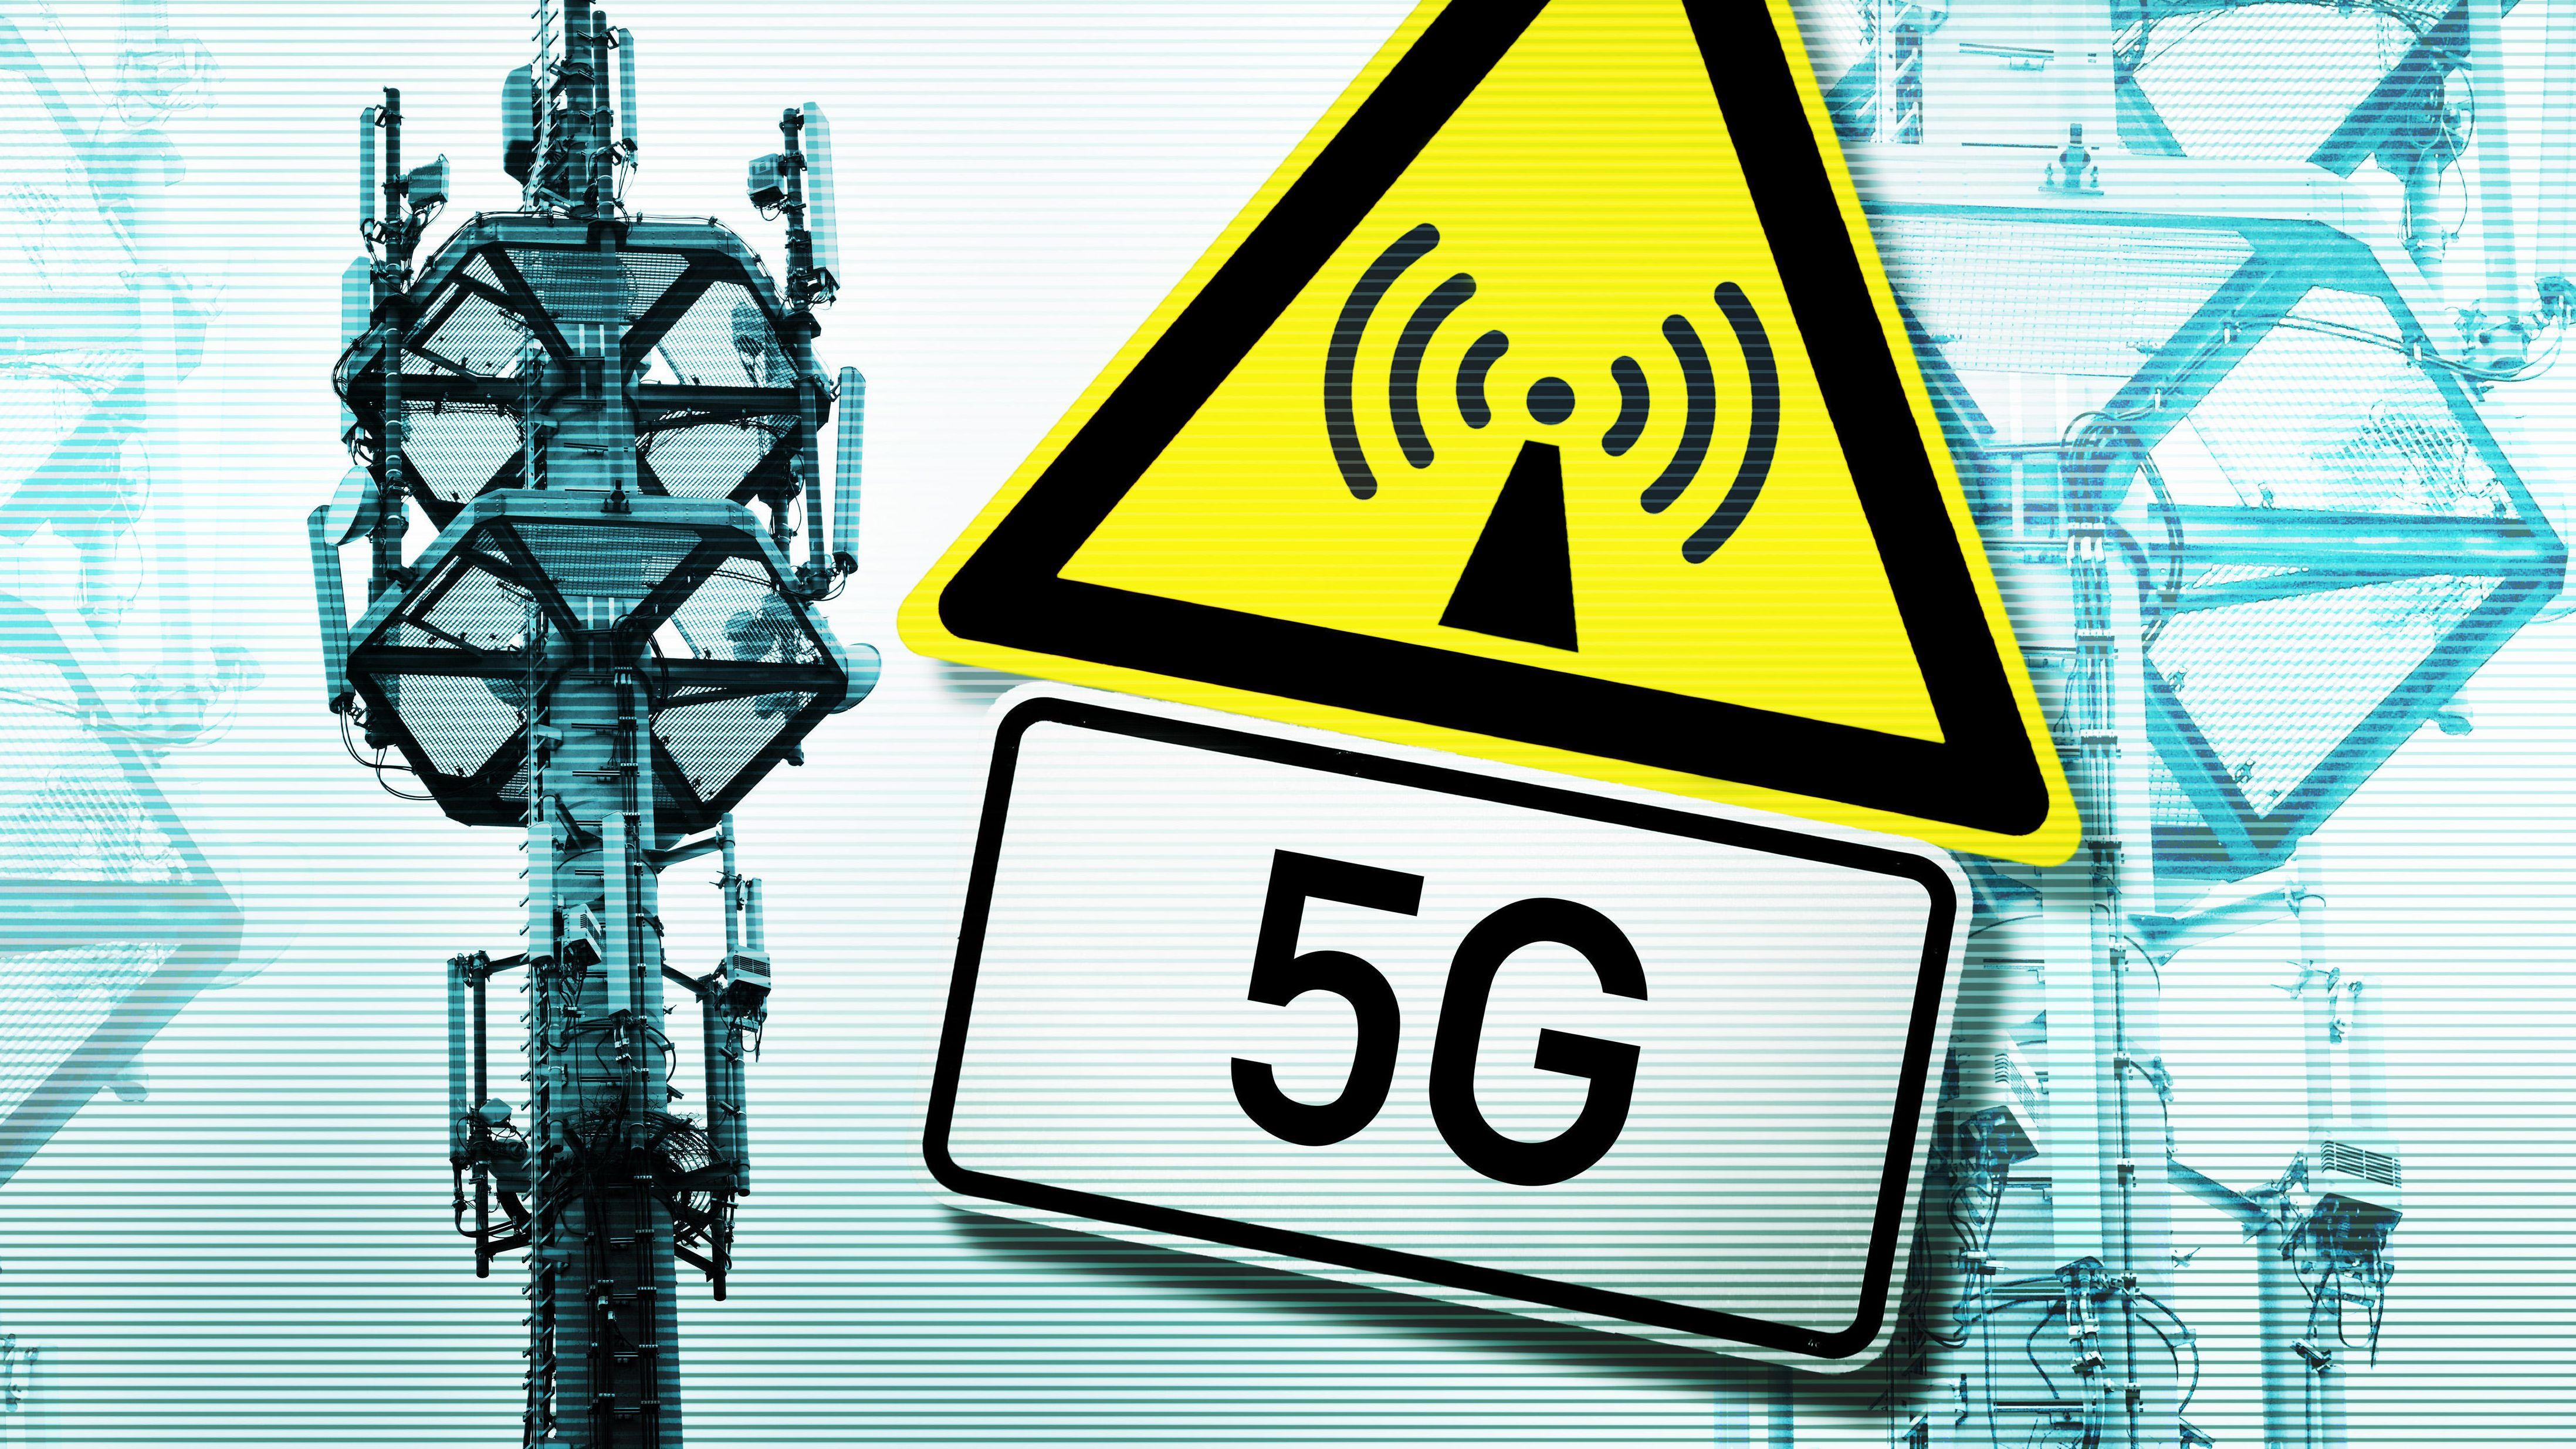 Mobilfunkmast und Strahlungssymbol mit der Beschriftung 5G.